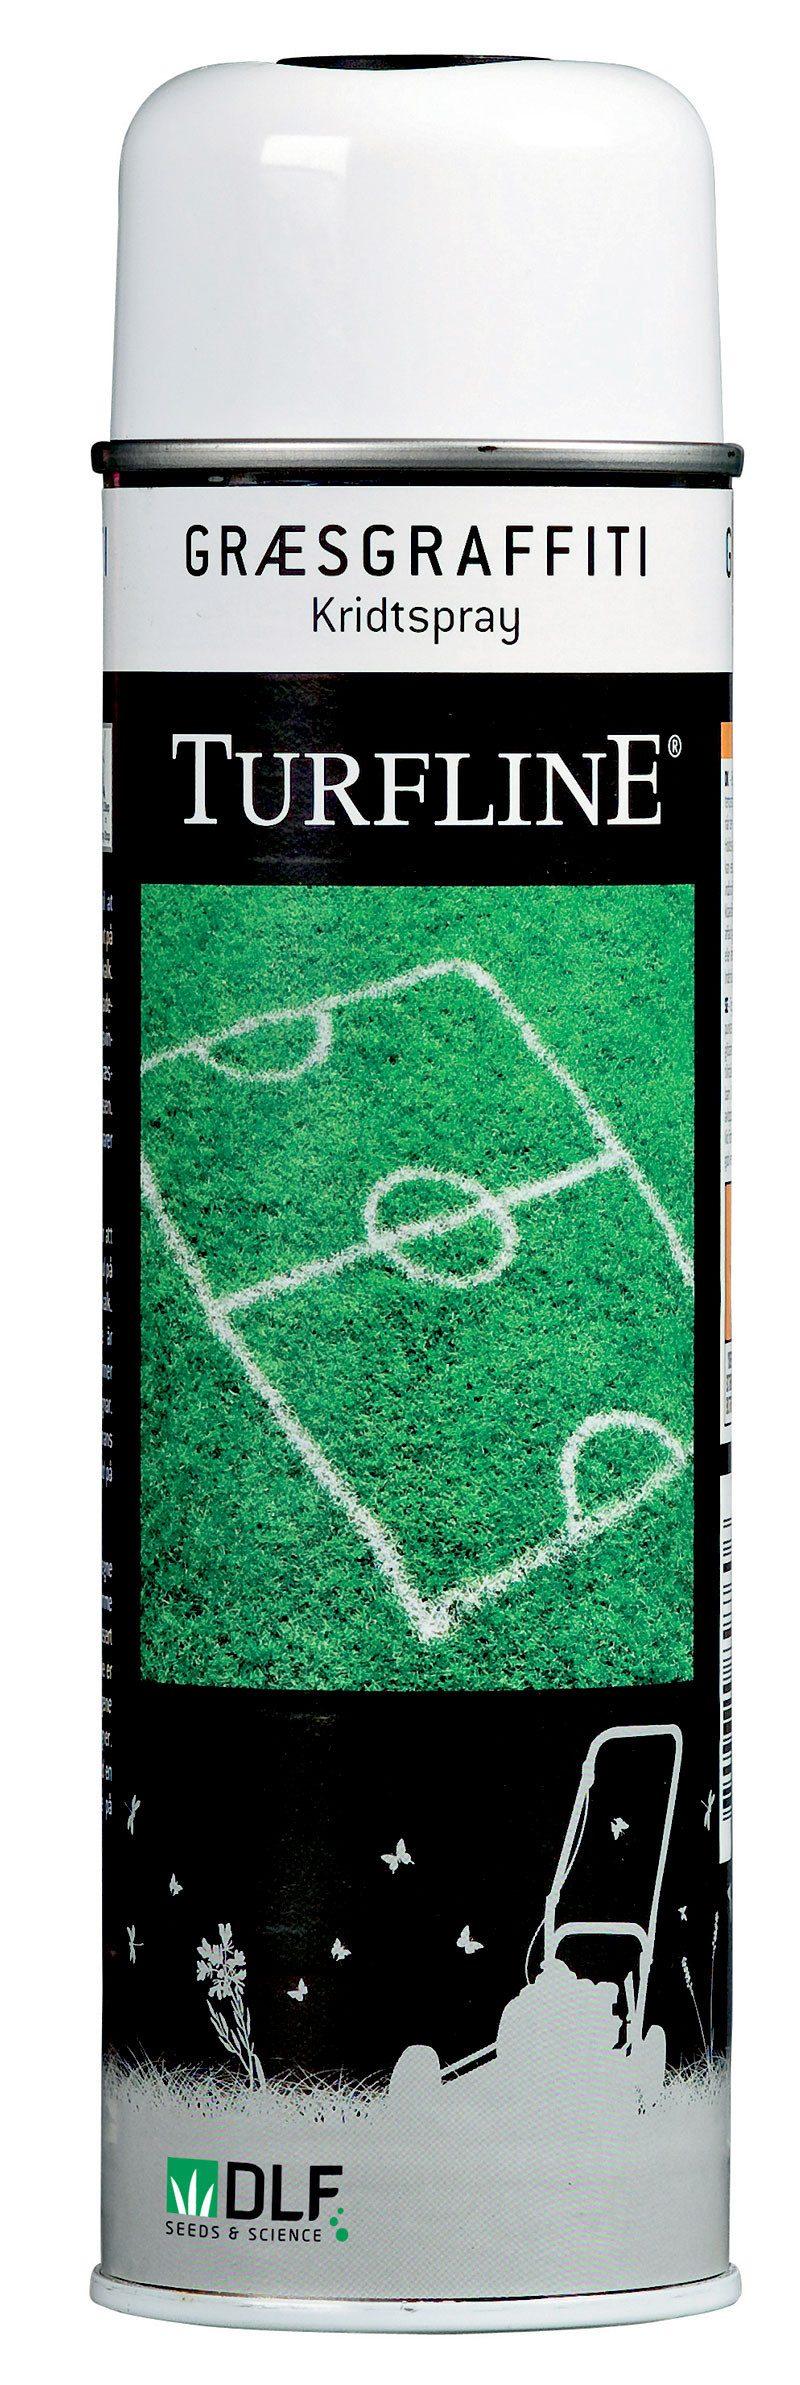 Turfline Græsgraffiti - kridtspray til græs